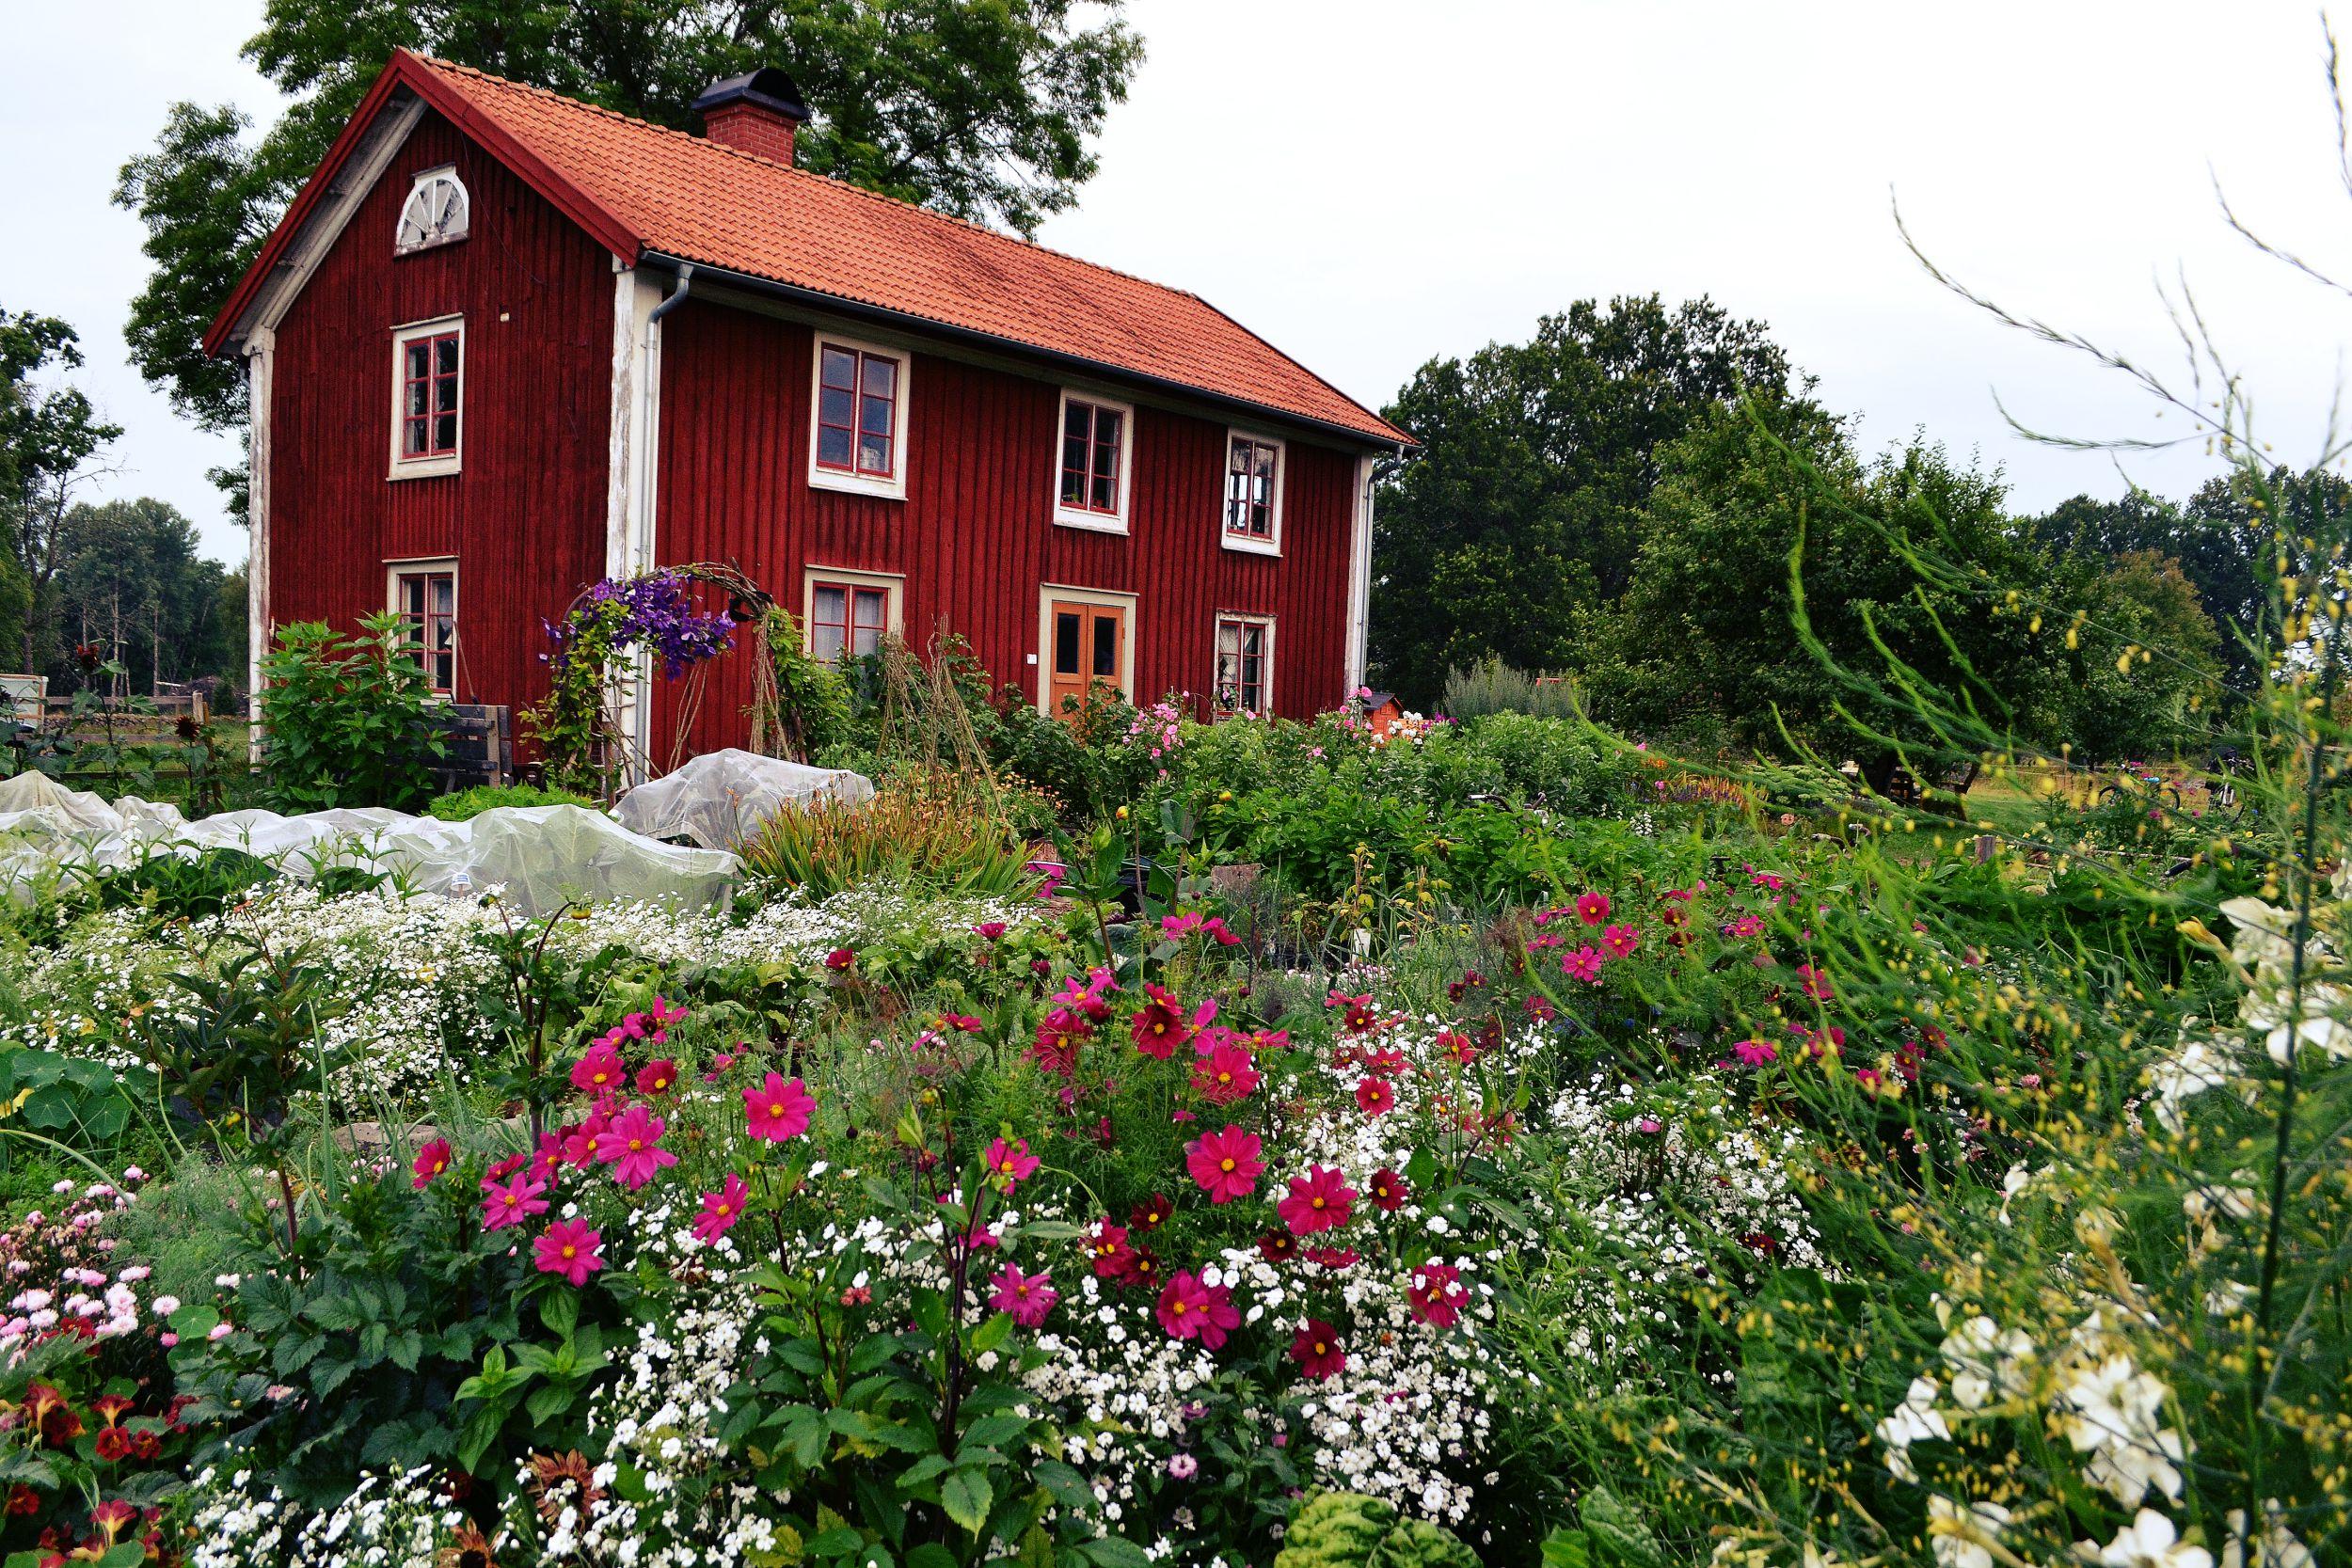 Blomsterrabatt mitt i köksträdgården, som en färgklick mitt i allt grönt.